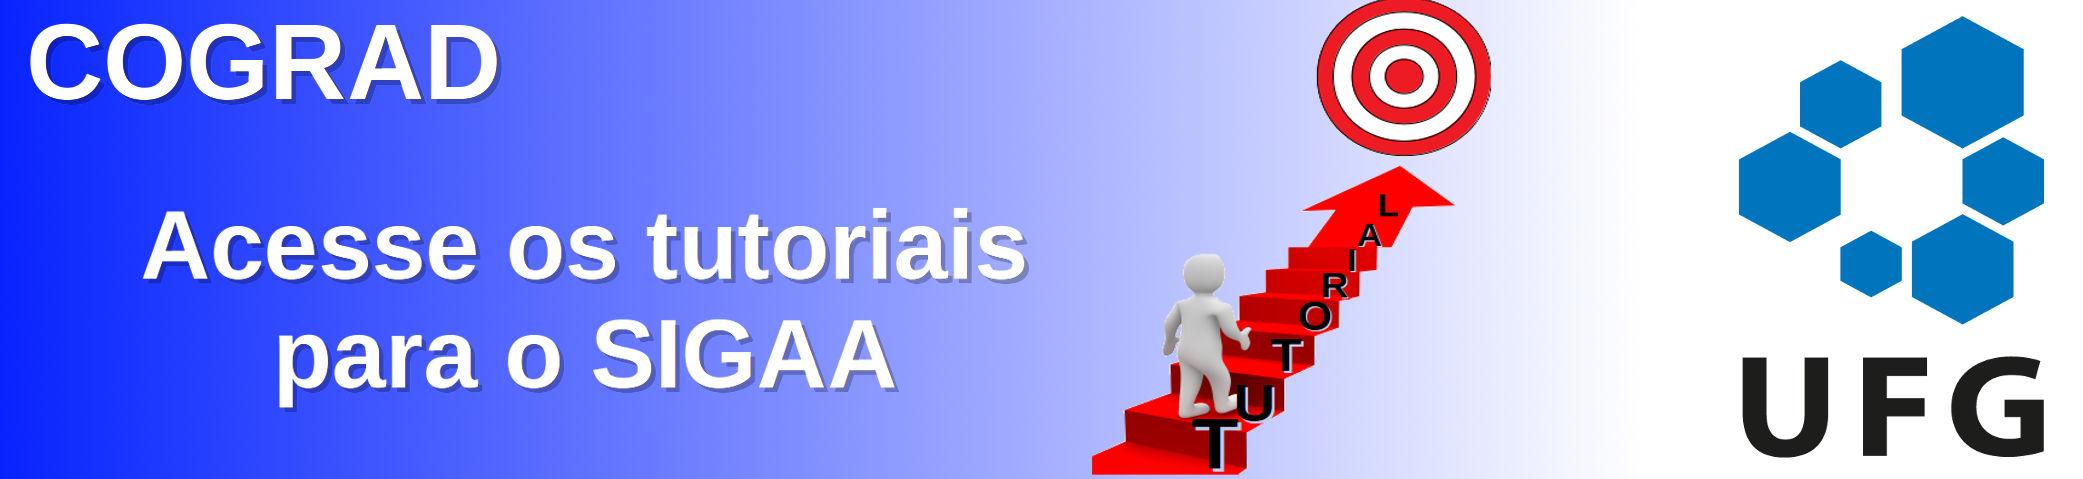 Banner do tutorial feita pela COGRAD, para coordenadores, docentes e discentes.